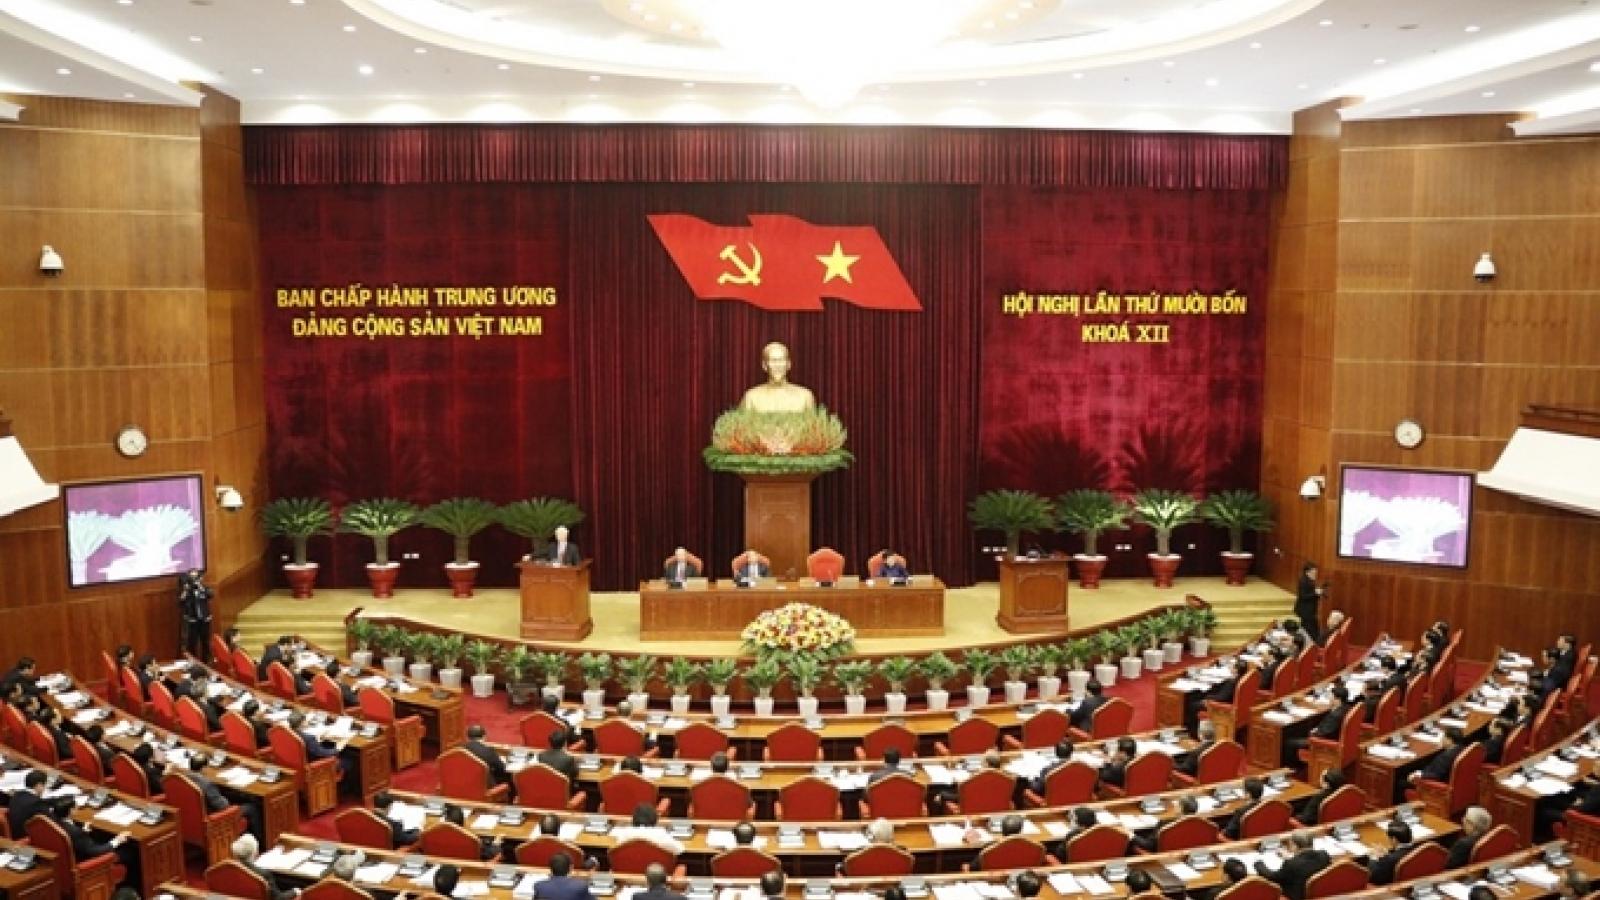 Ngày làm việc thứ nhất của Hội nghị lần thứ 14 Ban Chấp hành Trung ương Đảng khoá XII